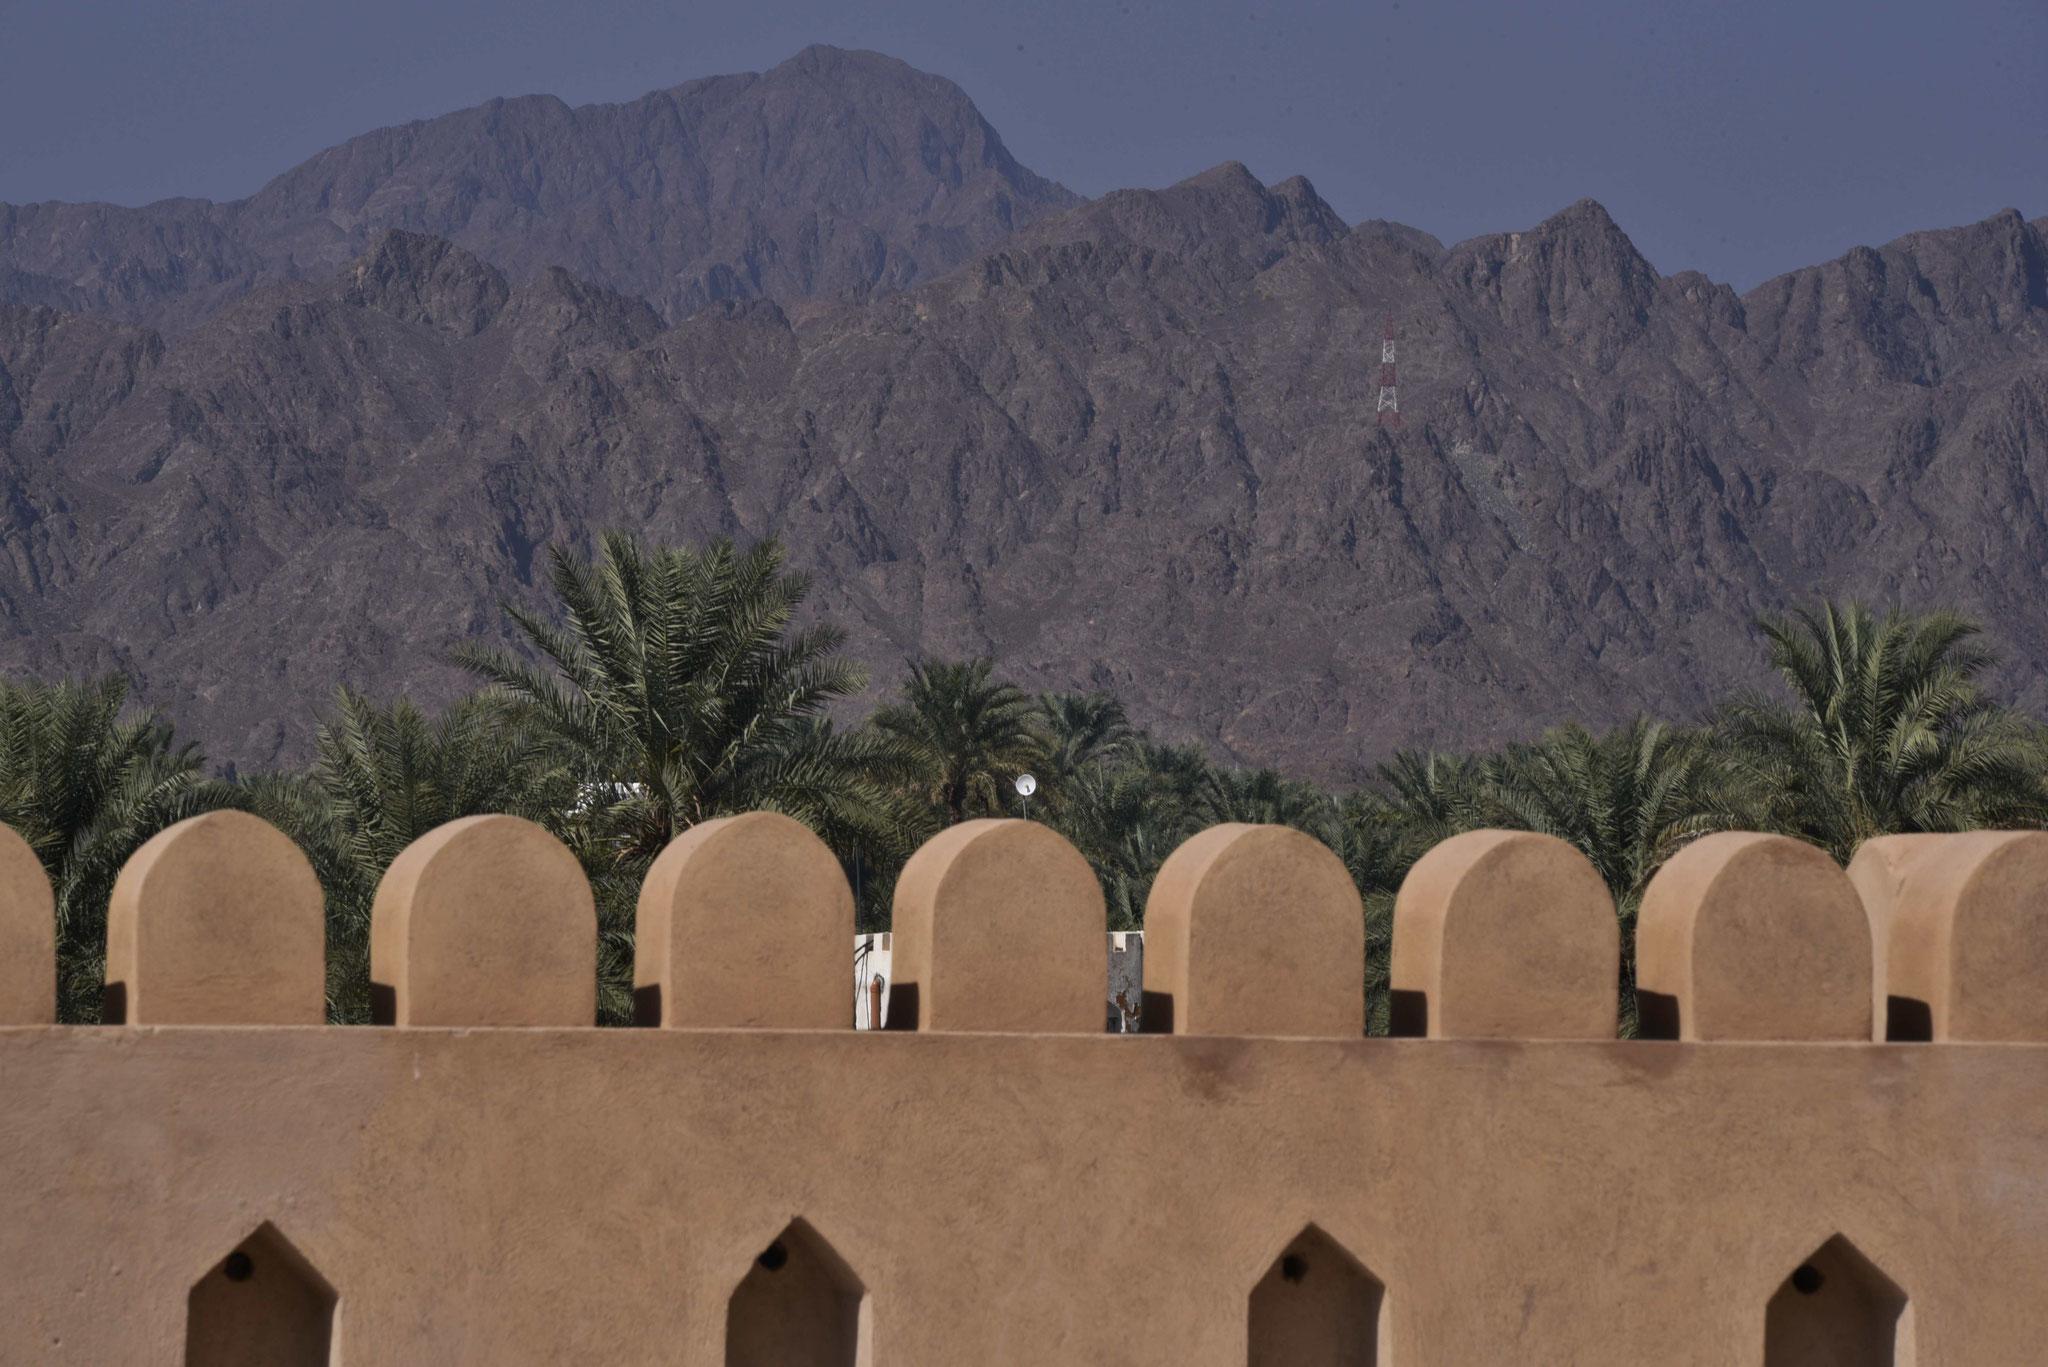 Festungsmauer mit Blick auf die Berge I